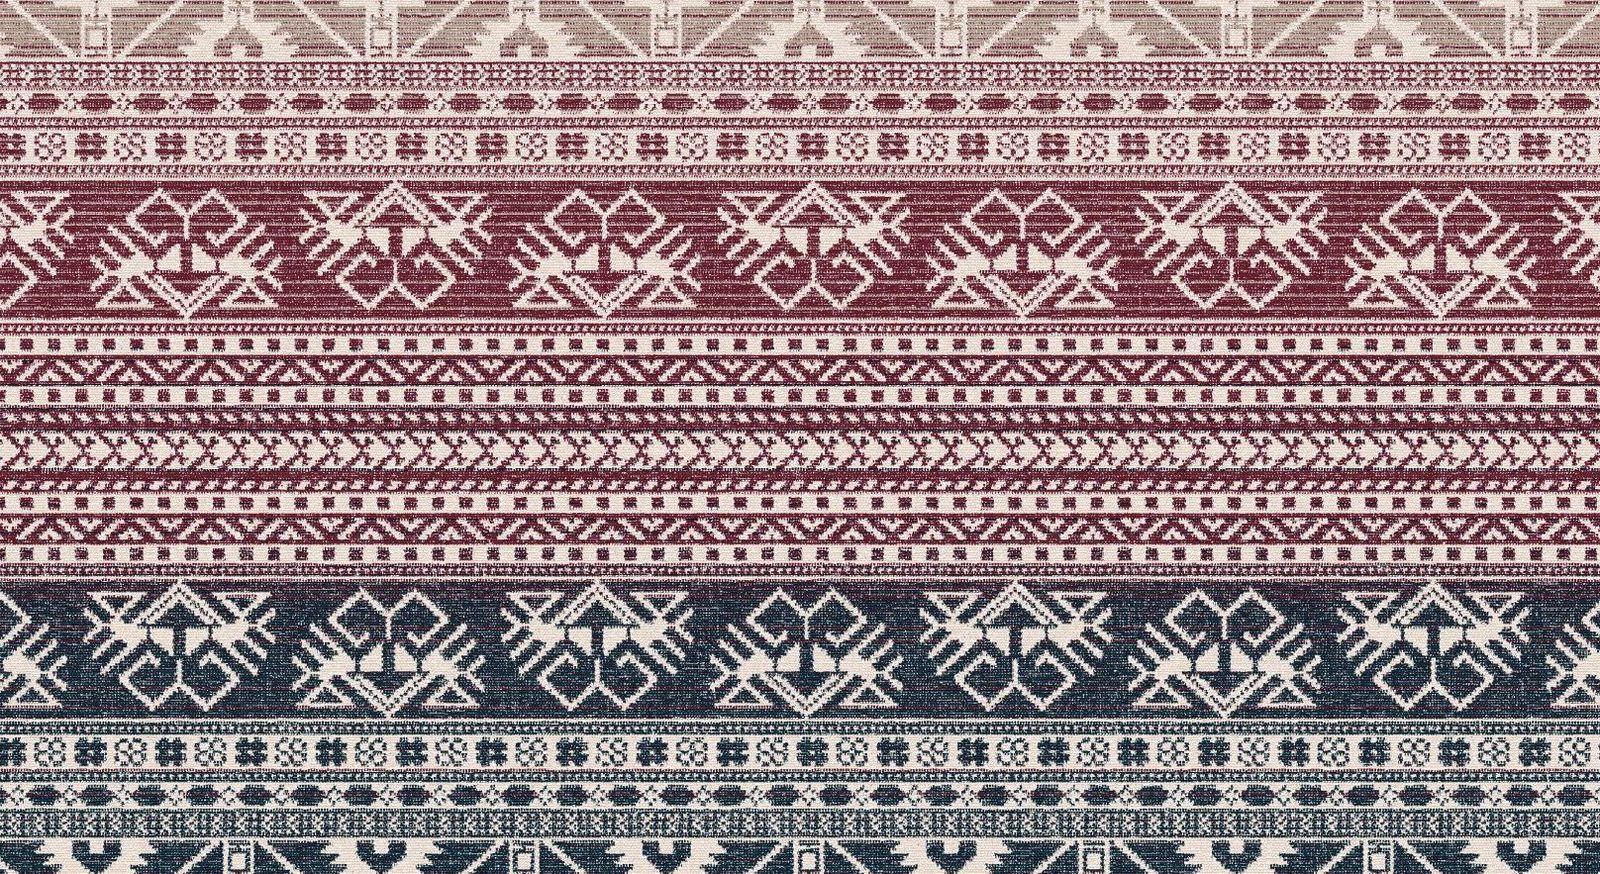 Kuscheldecke Maya mit stylischem Ethno-Muster